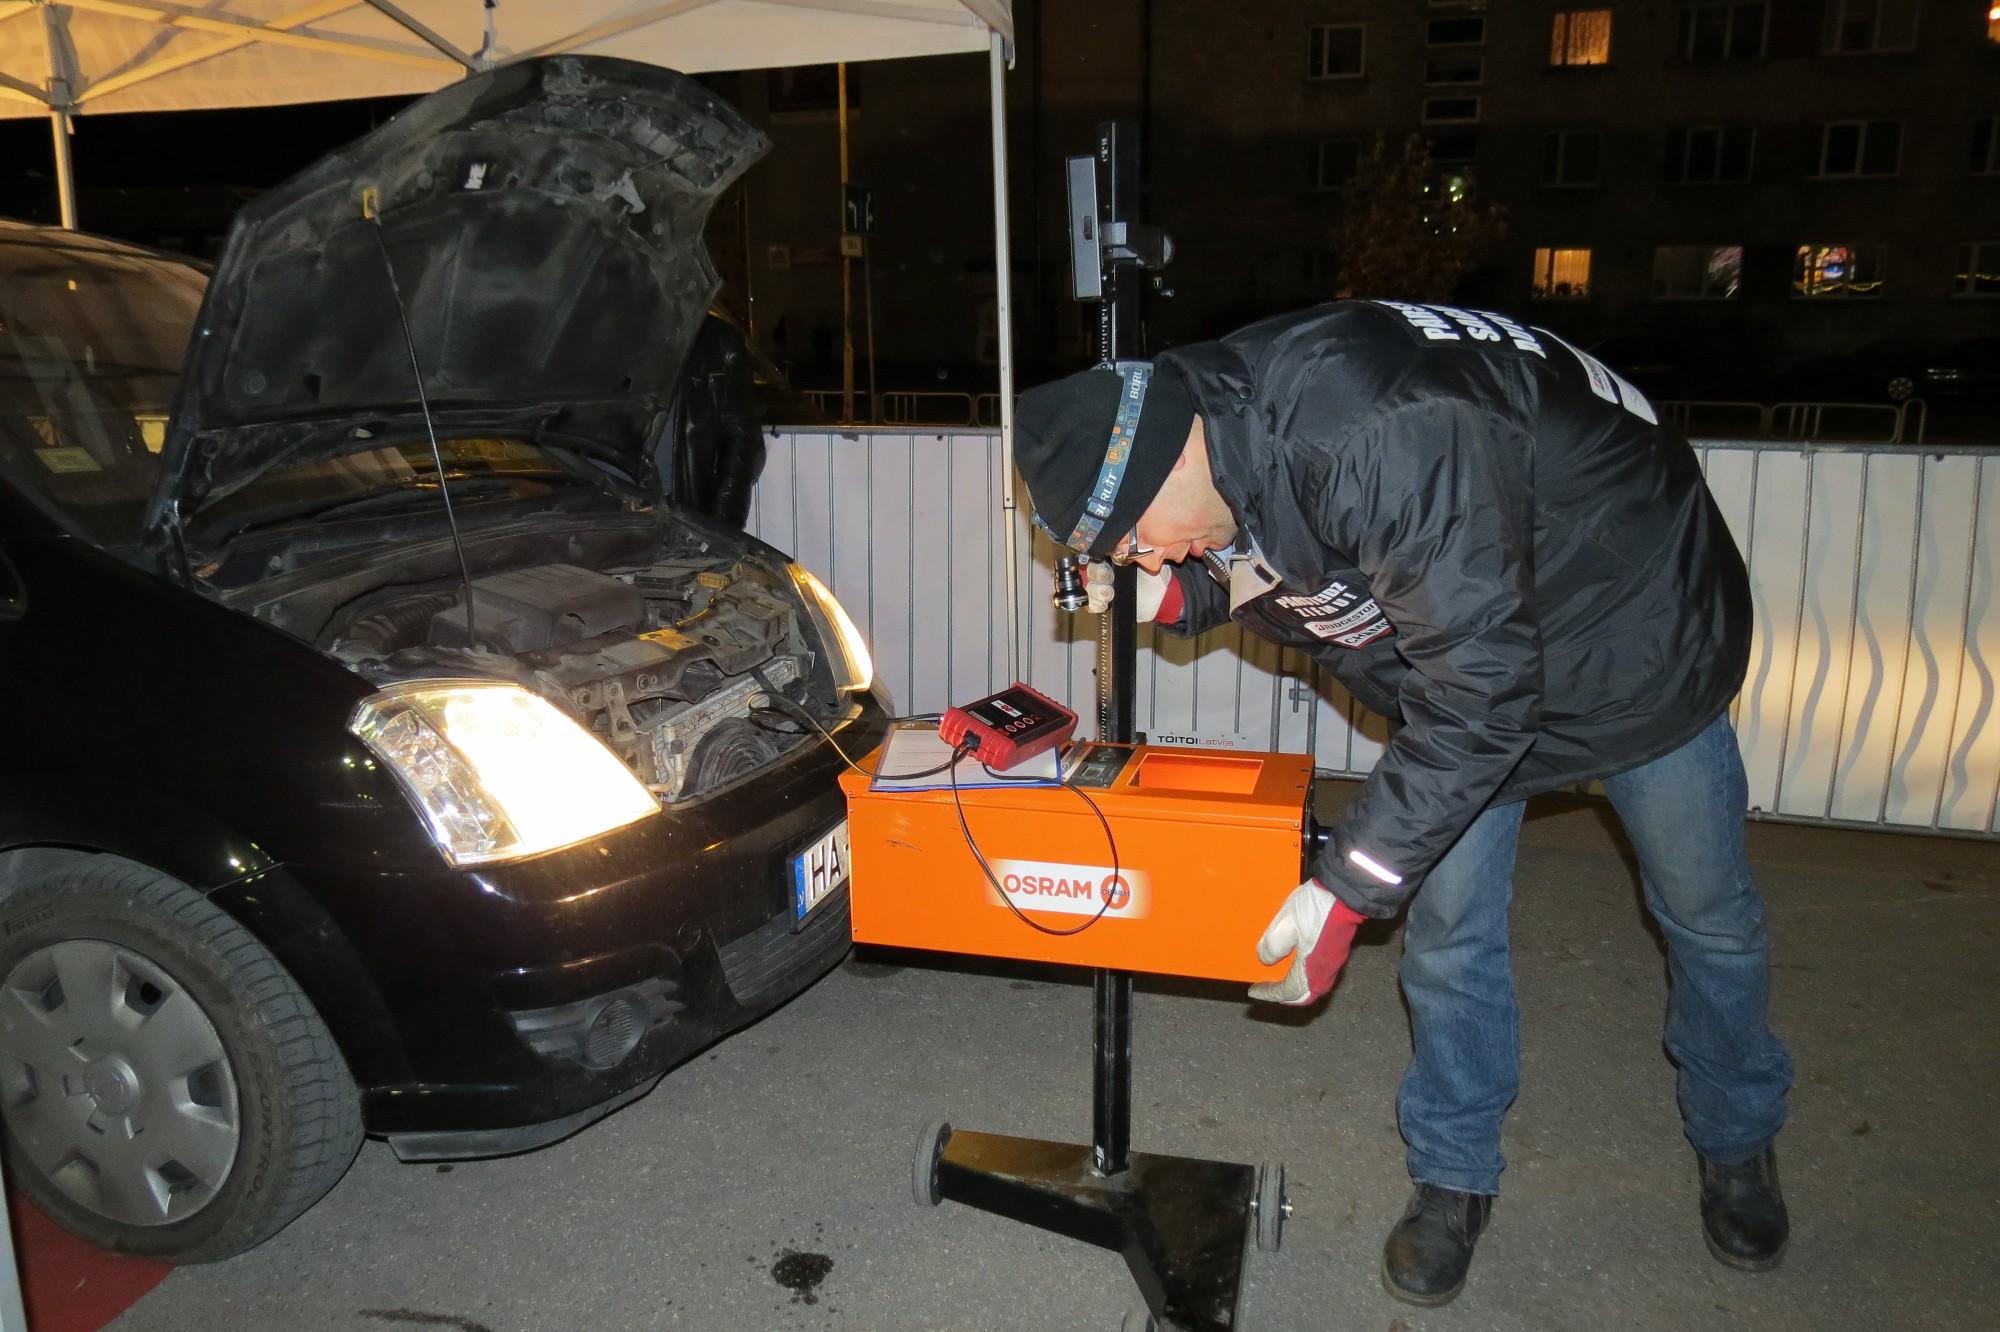 Aktīvi izmanto iespēju bez maksas pārbaudīt auto pirms ziemas